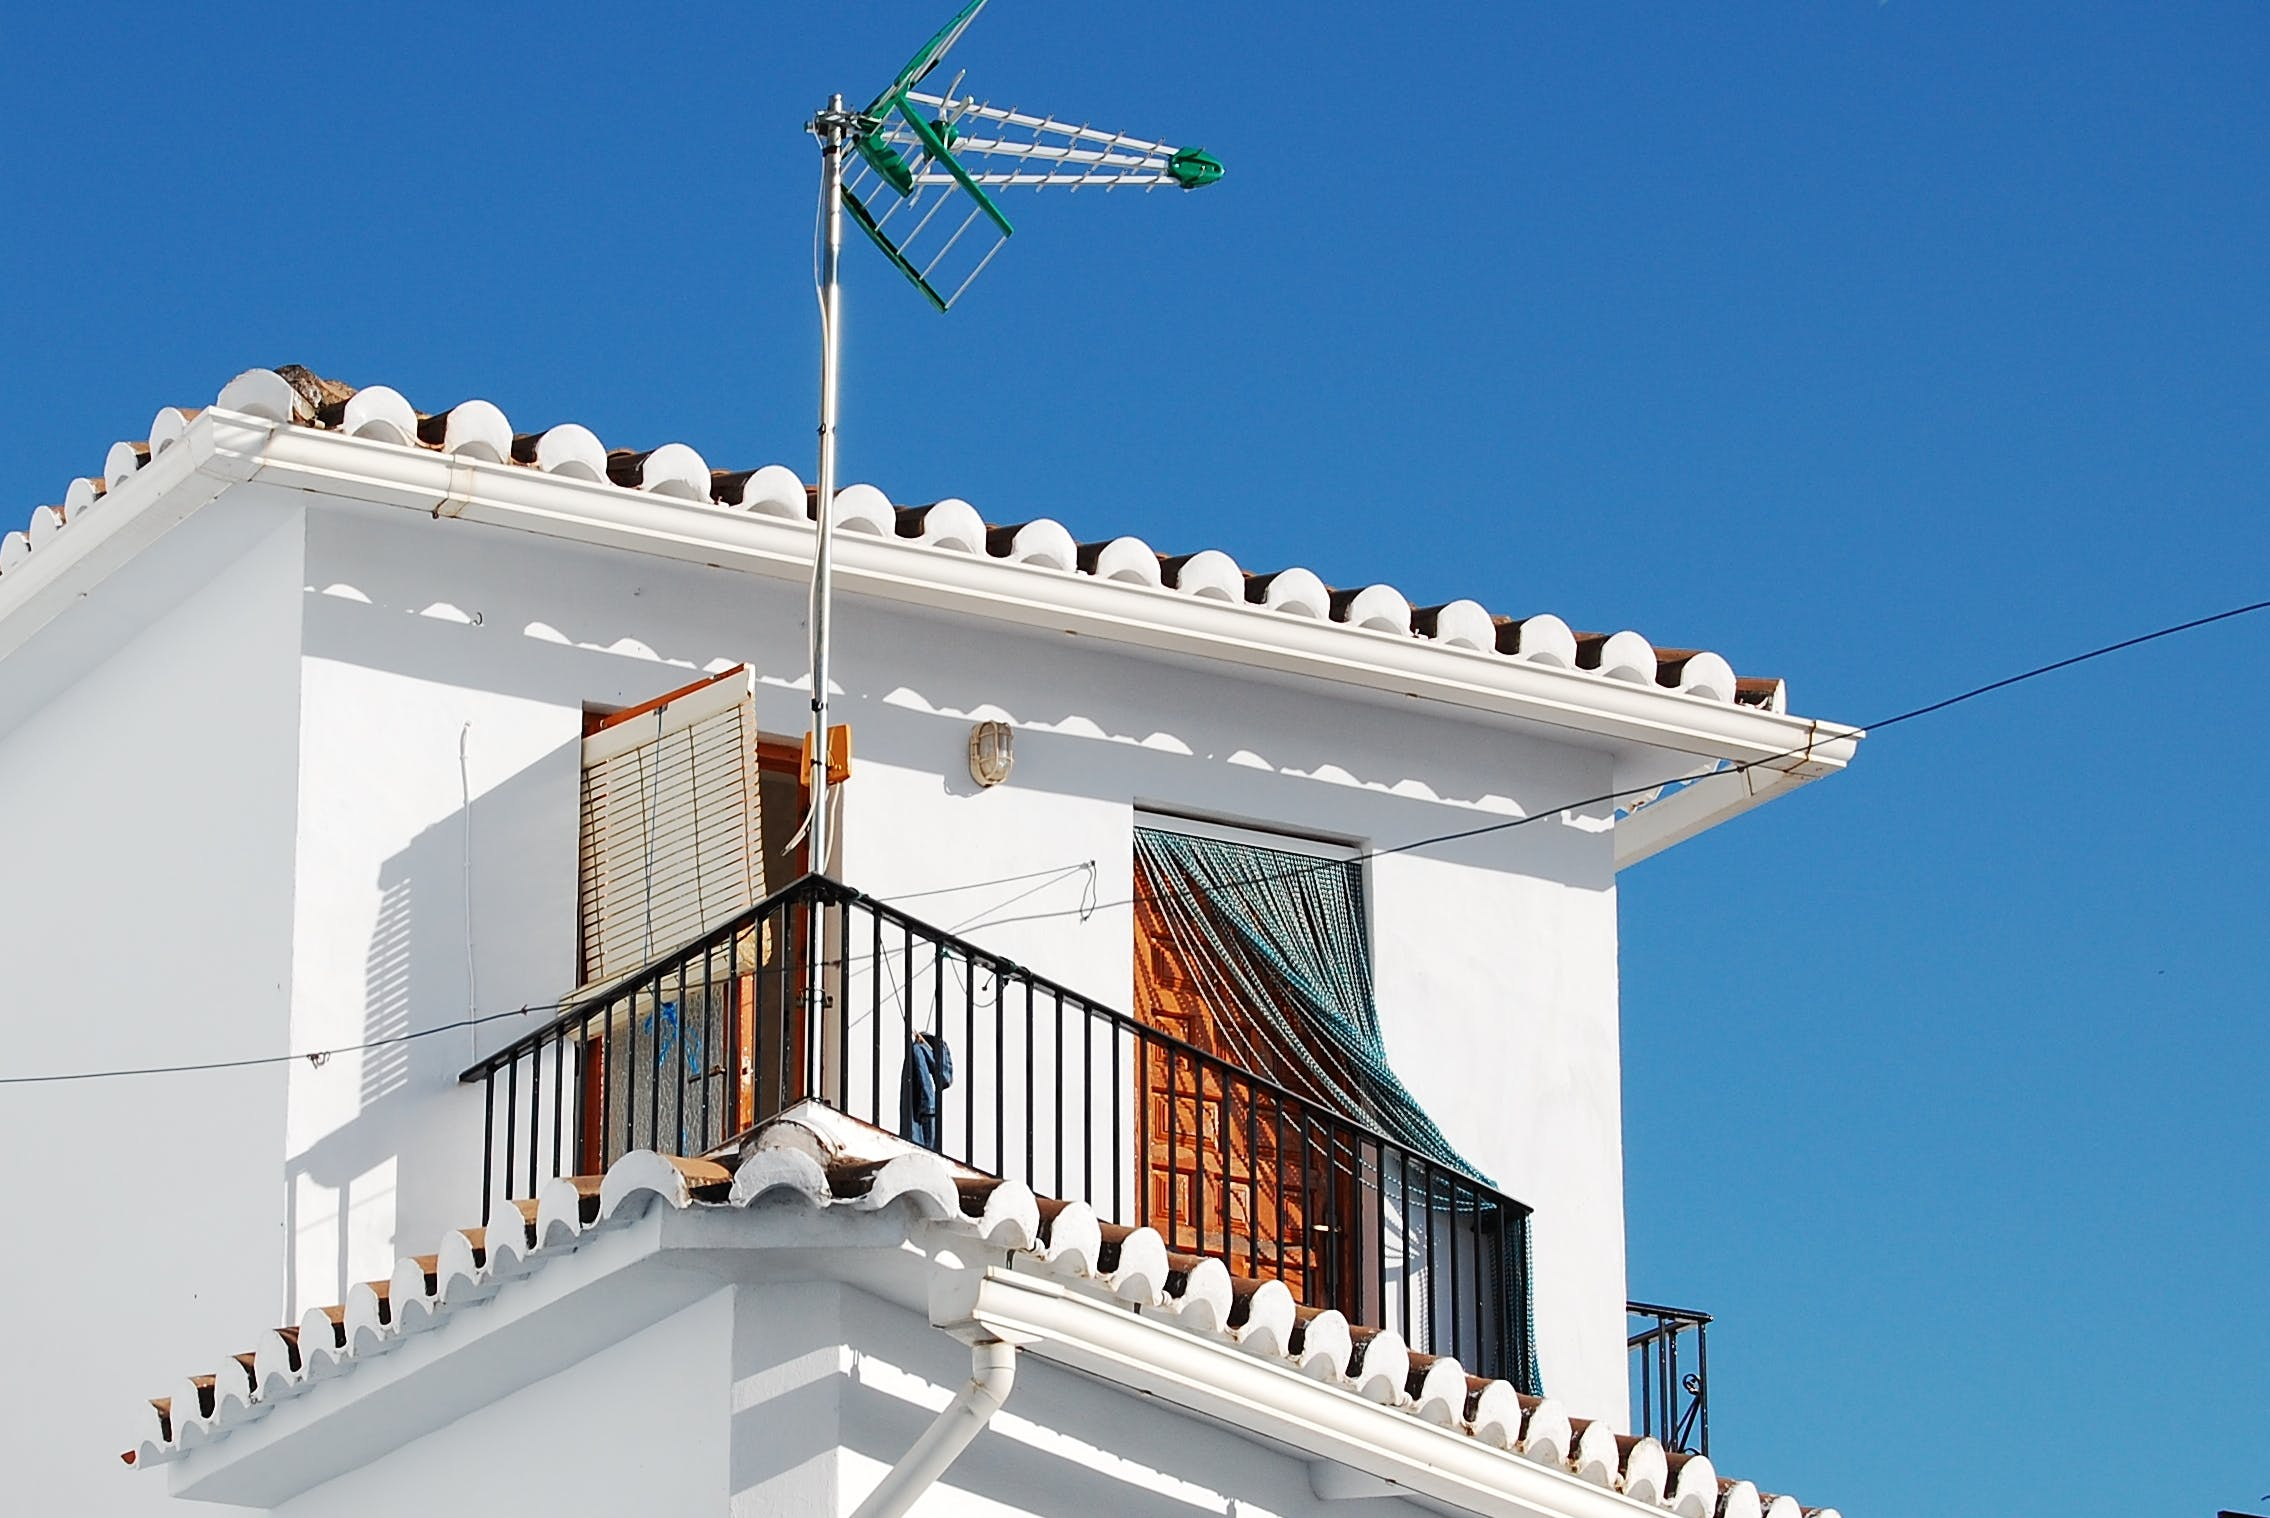 Free stock photo of balcony, sunny